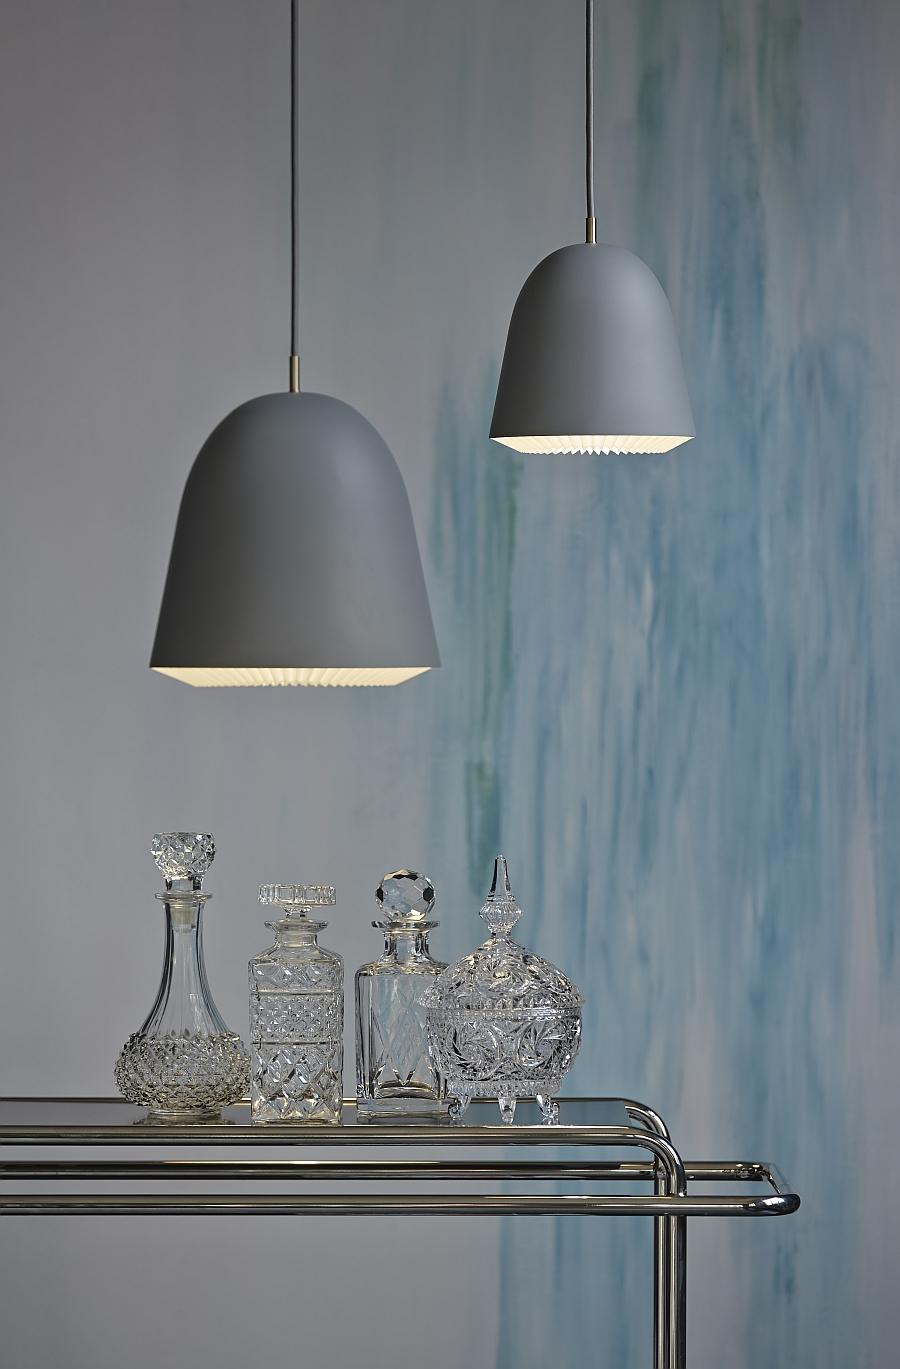 Светильники из алюминия в сером цвете